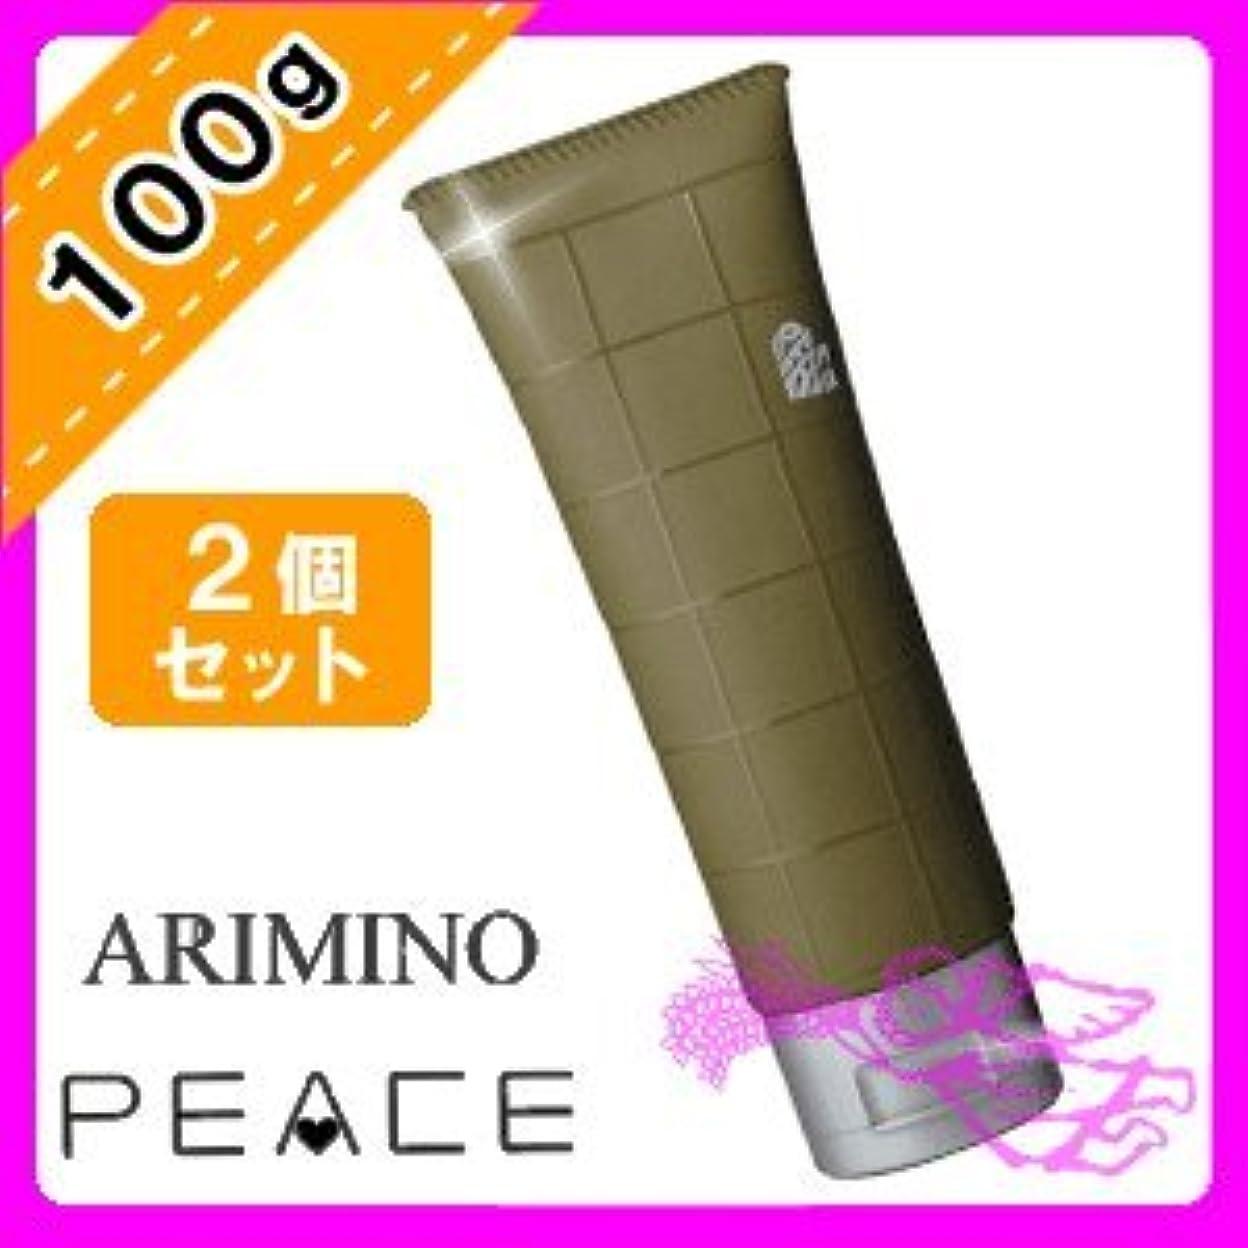 新しい意味水平胚アリミノ ピース ウェットオイル ワックス 100g ×2個セット arimino PEACE